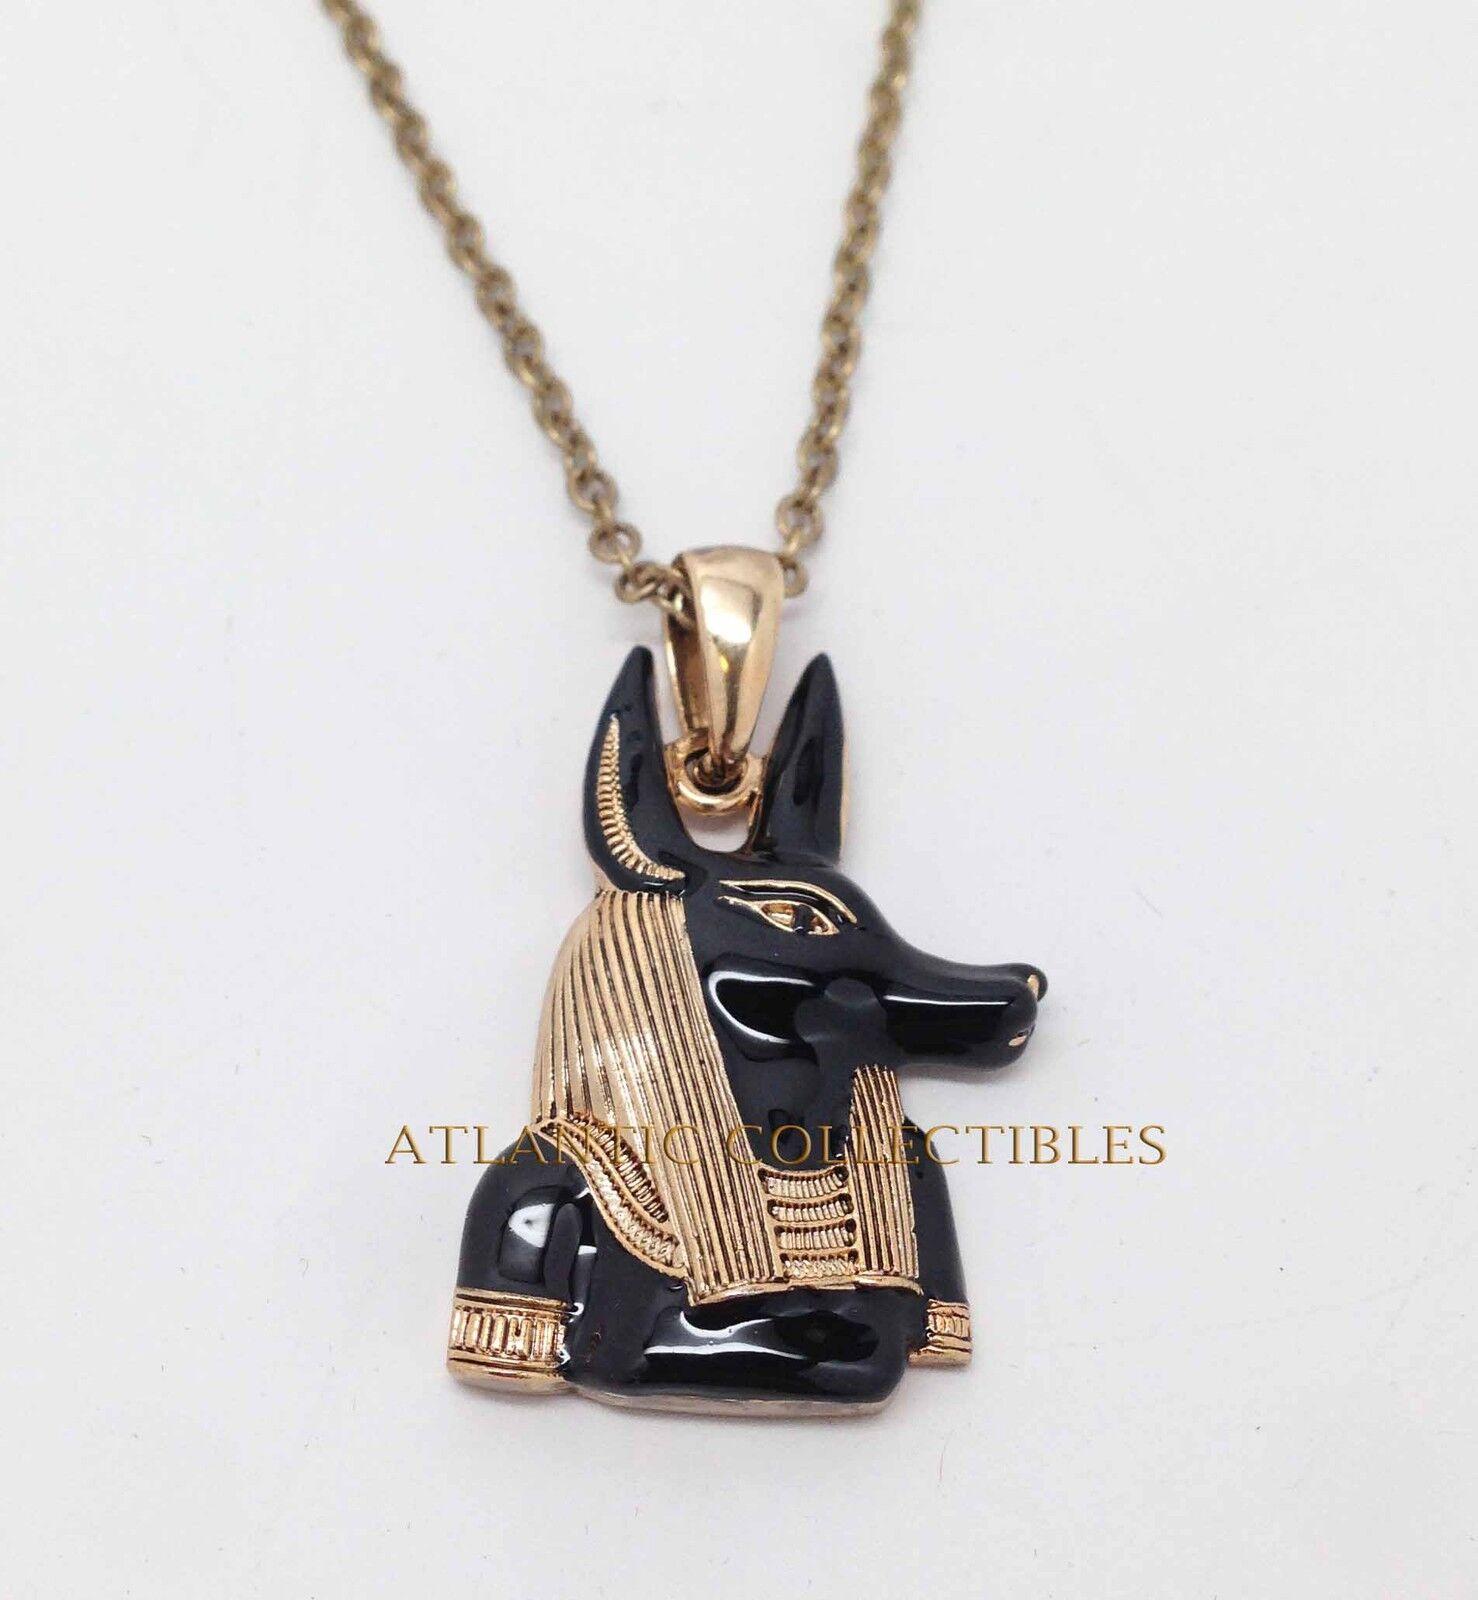 AFTERLIFE GOD ANUBIS NECKLACE ANCIENT EGYPTIAN BLACK GOLD ...  AFTERLIFE GOD A...